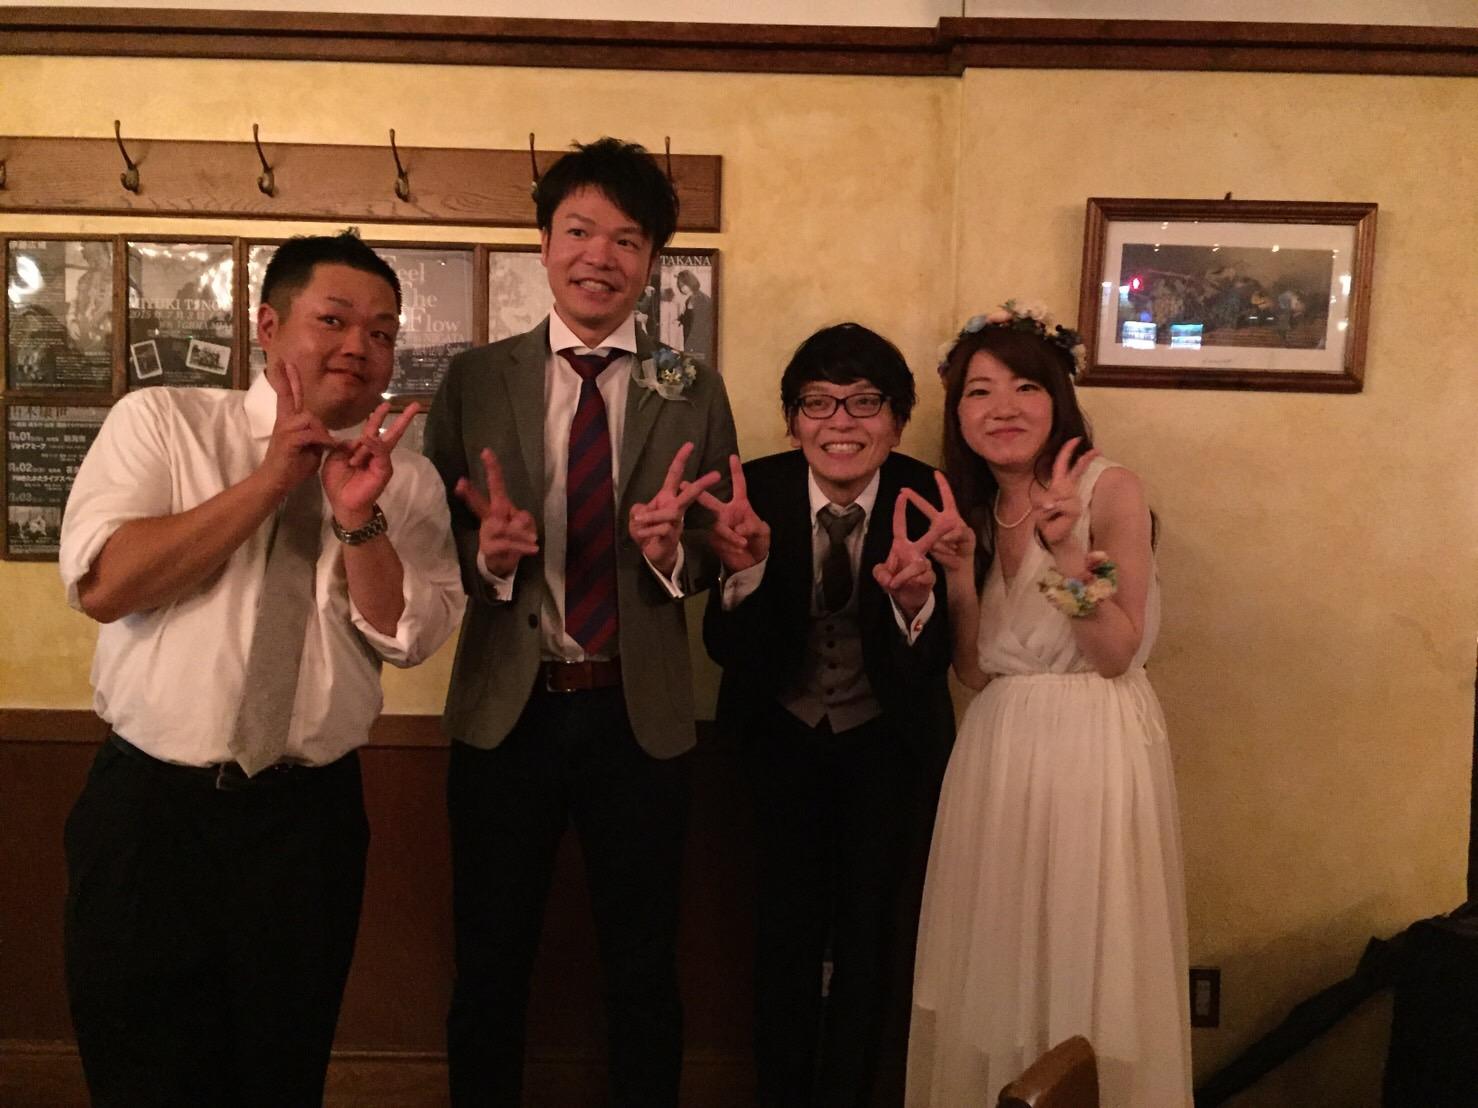 今井君と竹田君、本当に大切な親友。本当にありがとう。本当に大好き。愛してます。一生。